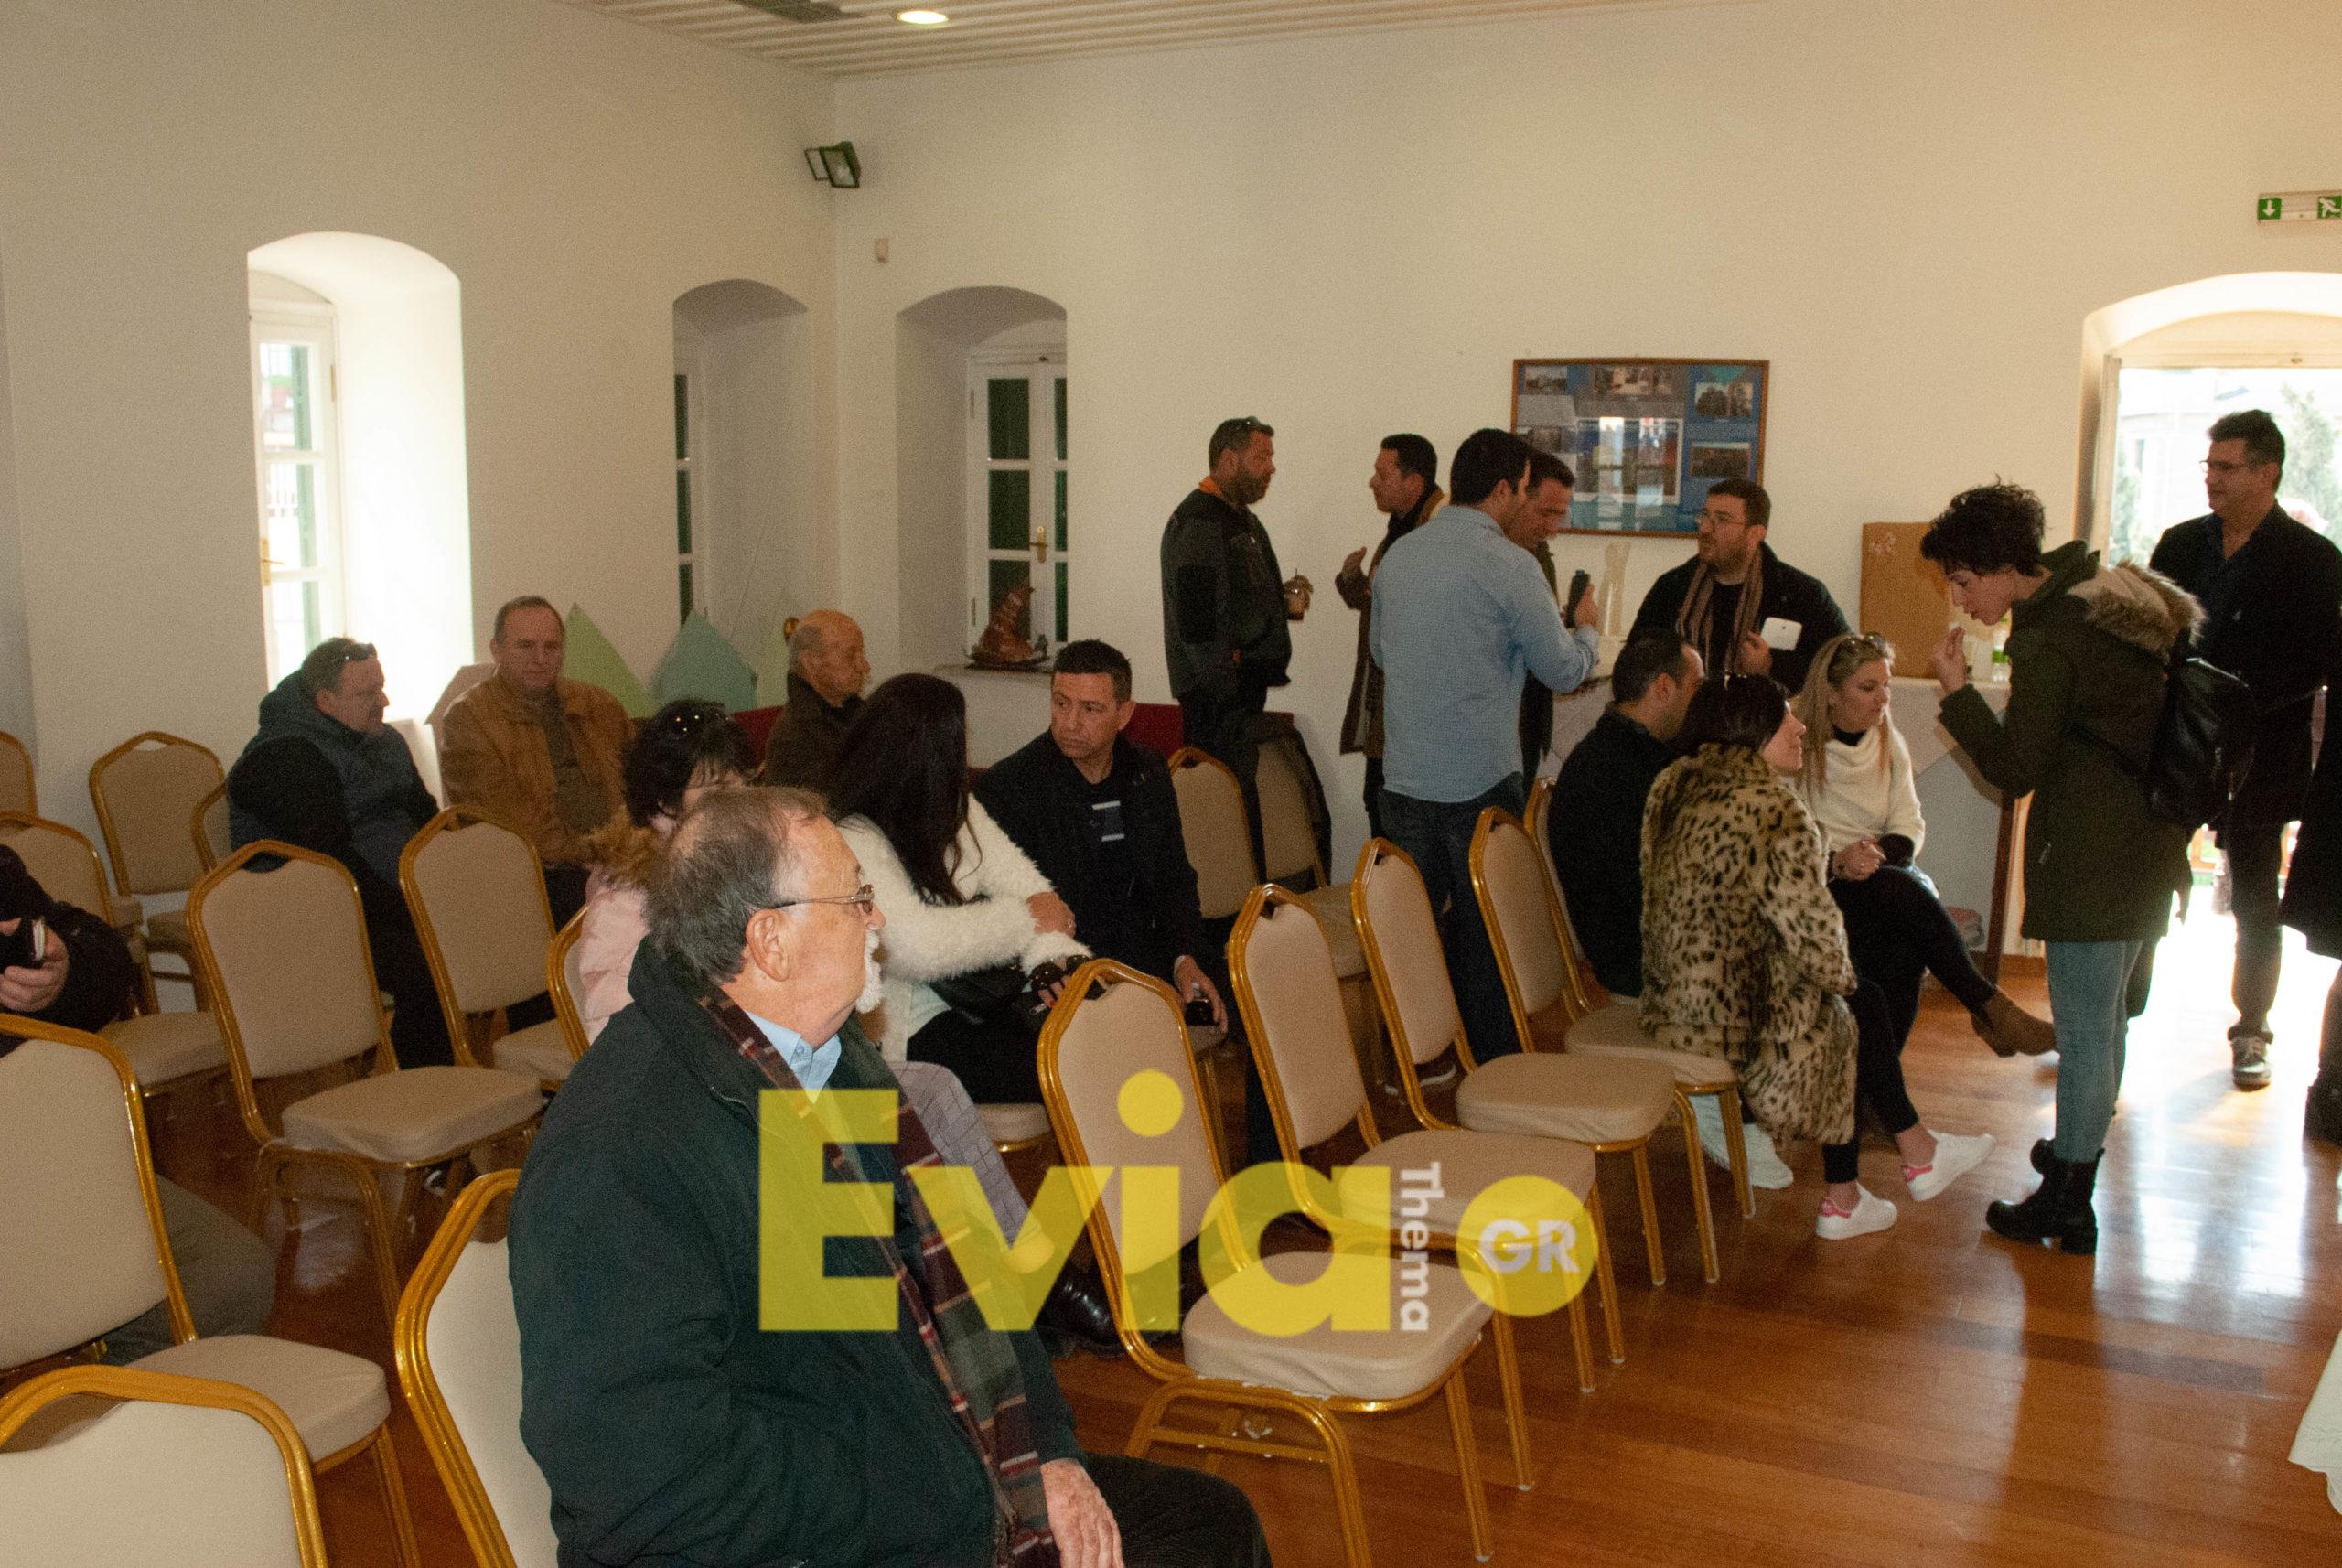 Συλλόγου Ενοικιαζομένων Διαμερισμάτων και Δωματίων Ψαχνών Πραγματοποιήθηκε η κοπή πίτας του Συλλόγου Ενοικιαζομένων Ψαχνών DSC 0571 scaled